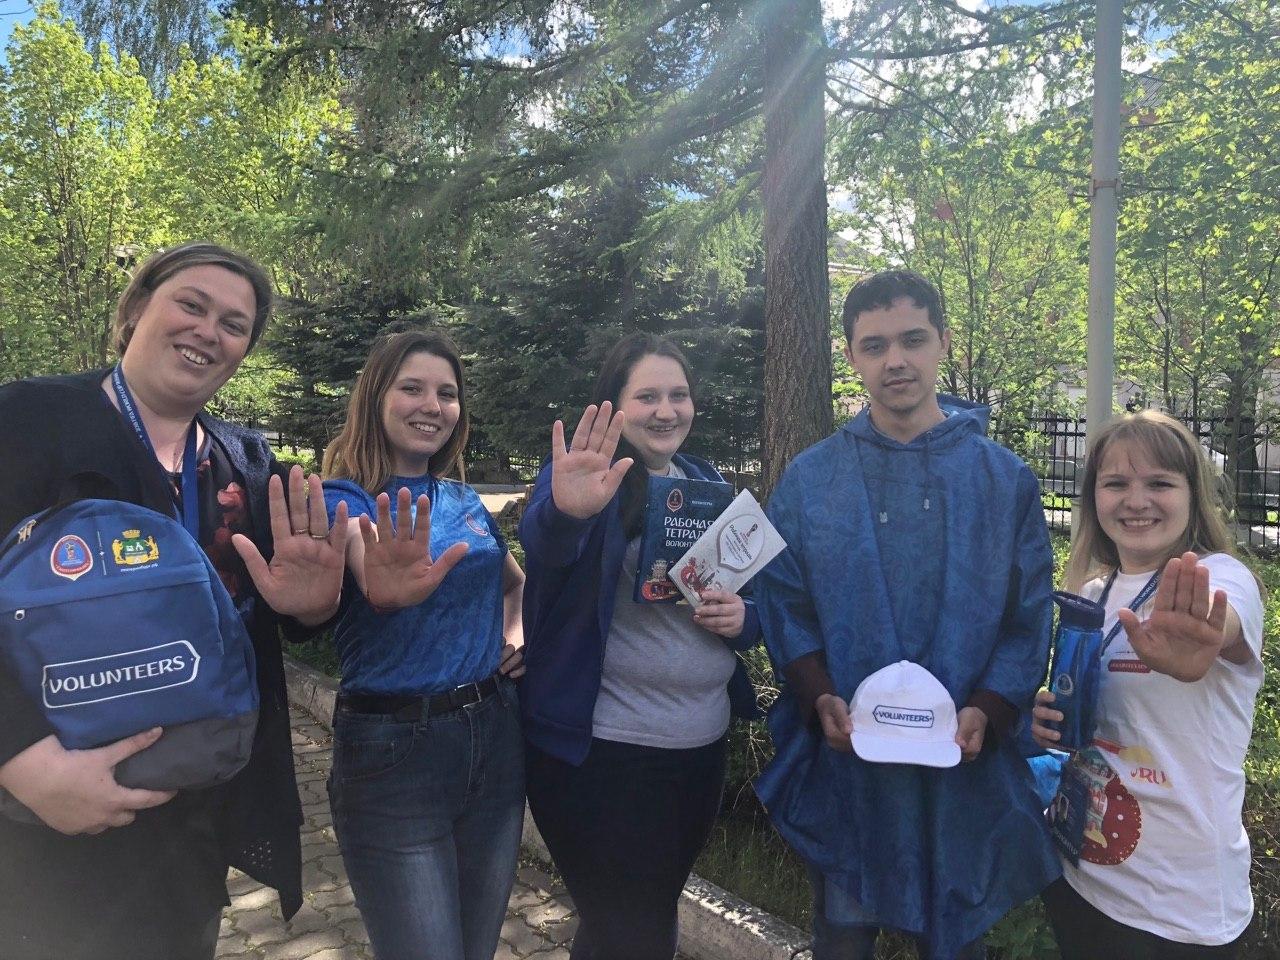 Новоуральские волонтеры на чемпионате мира по футболу